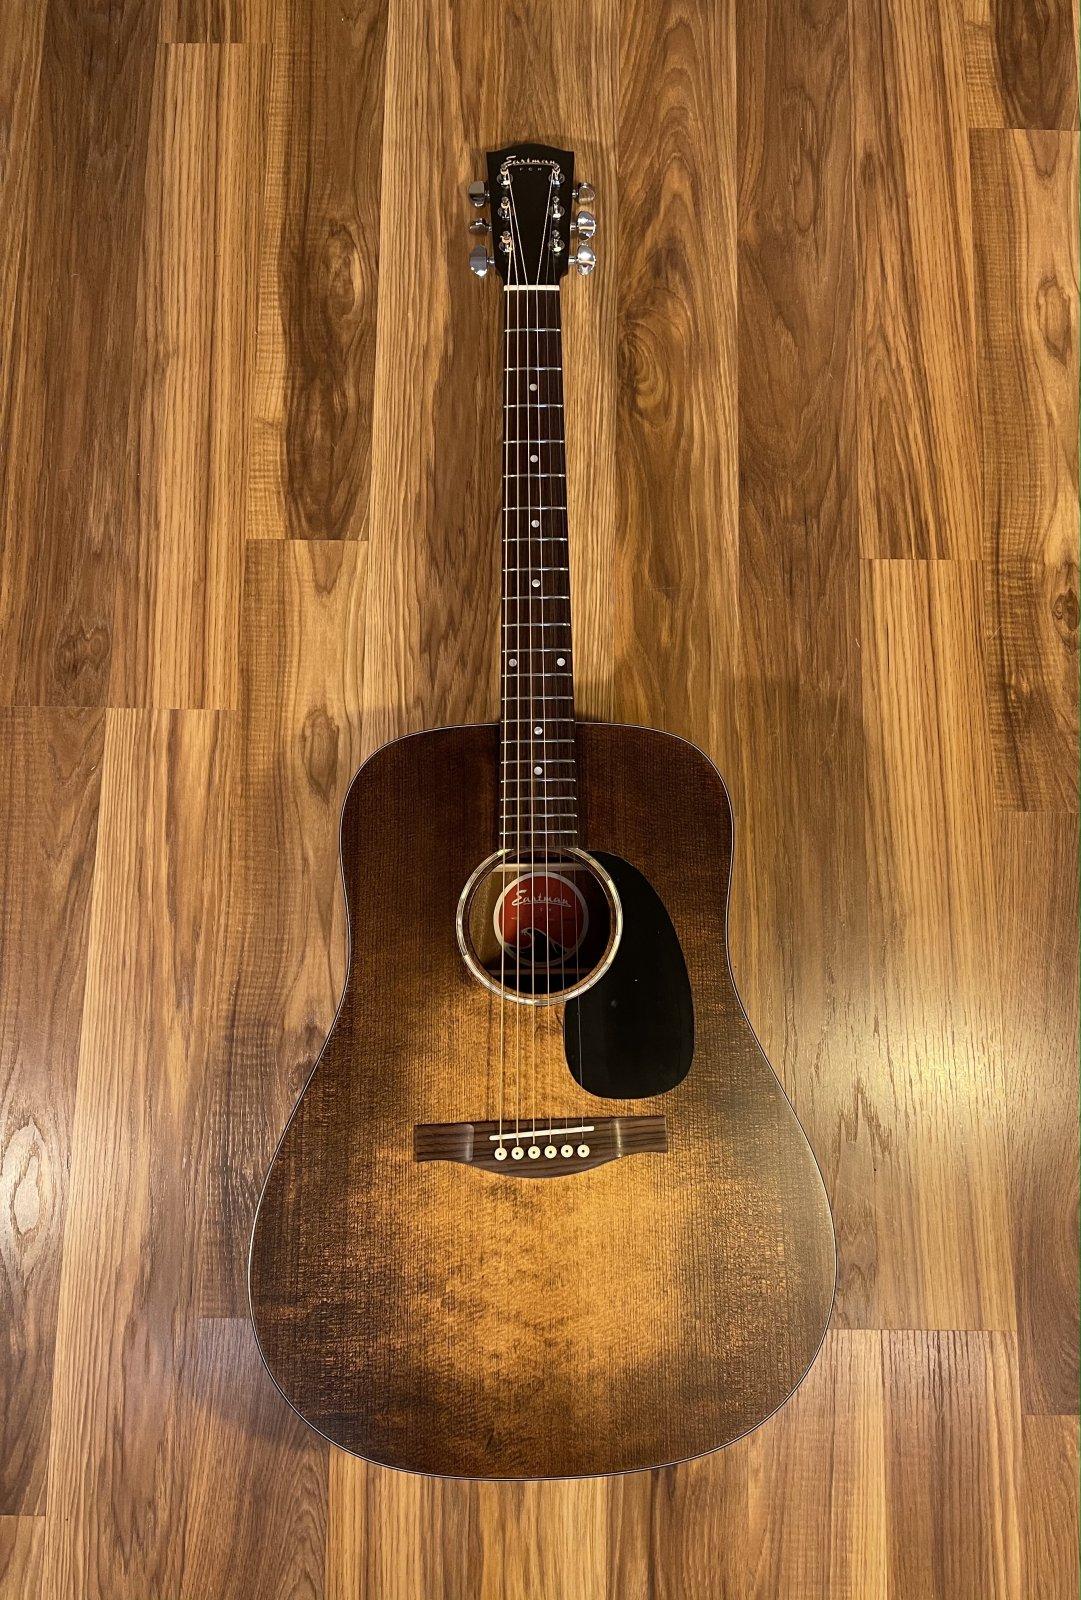 Eastman PCH1-D-CLA Acoustic Guitar